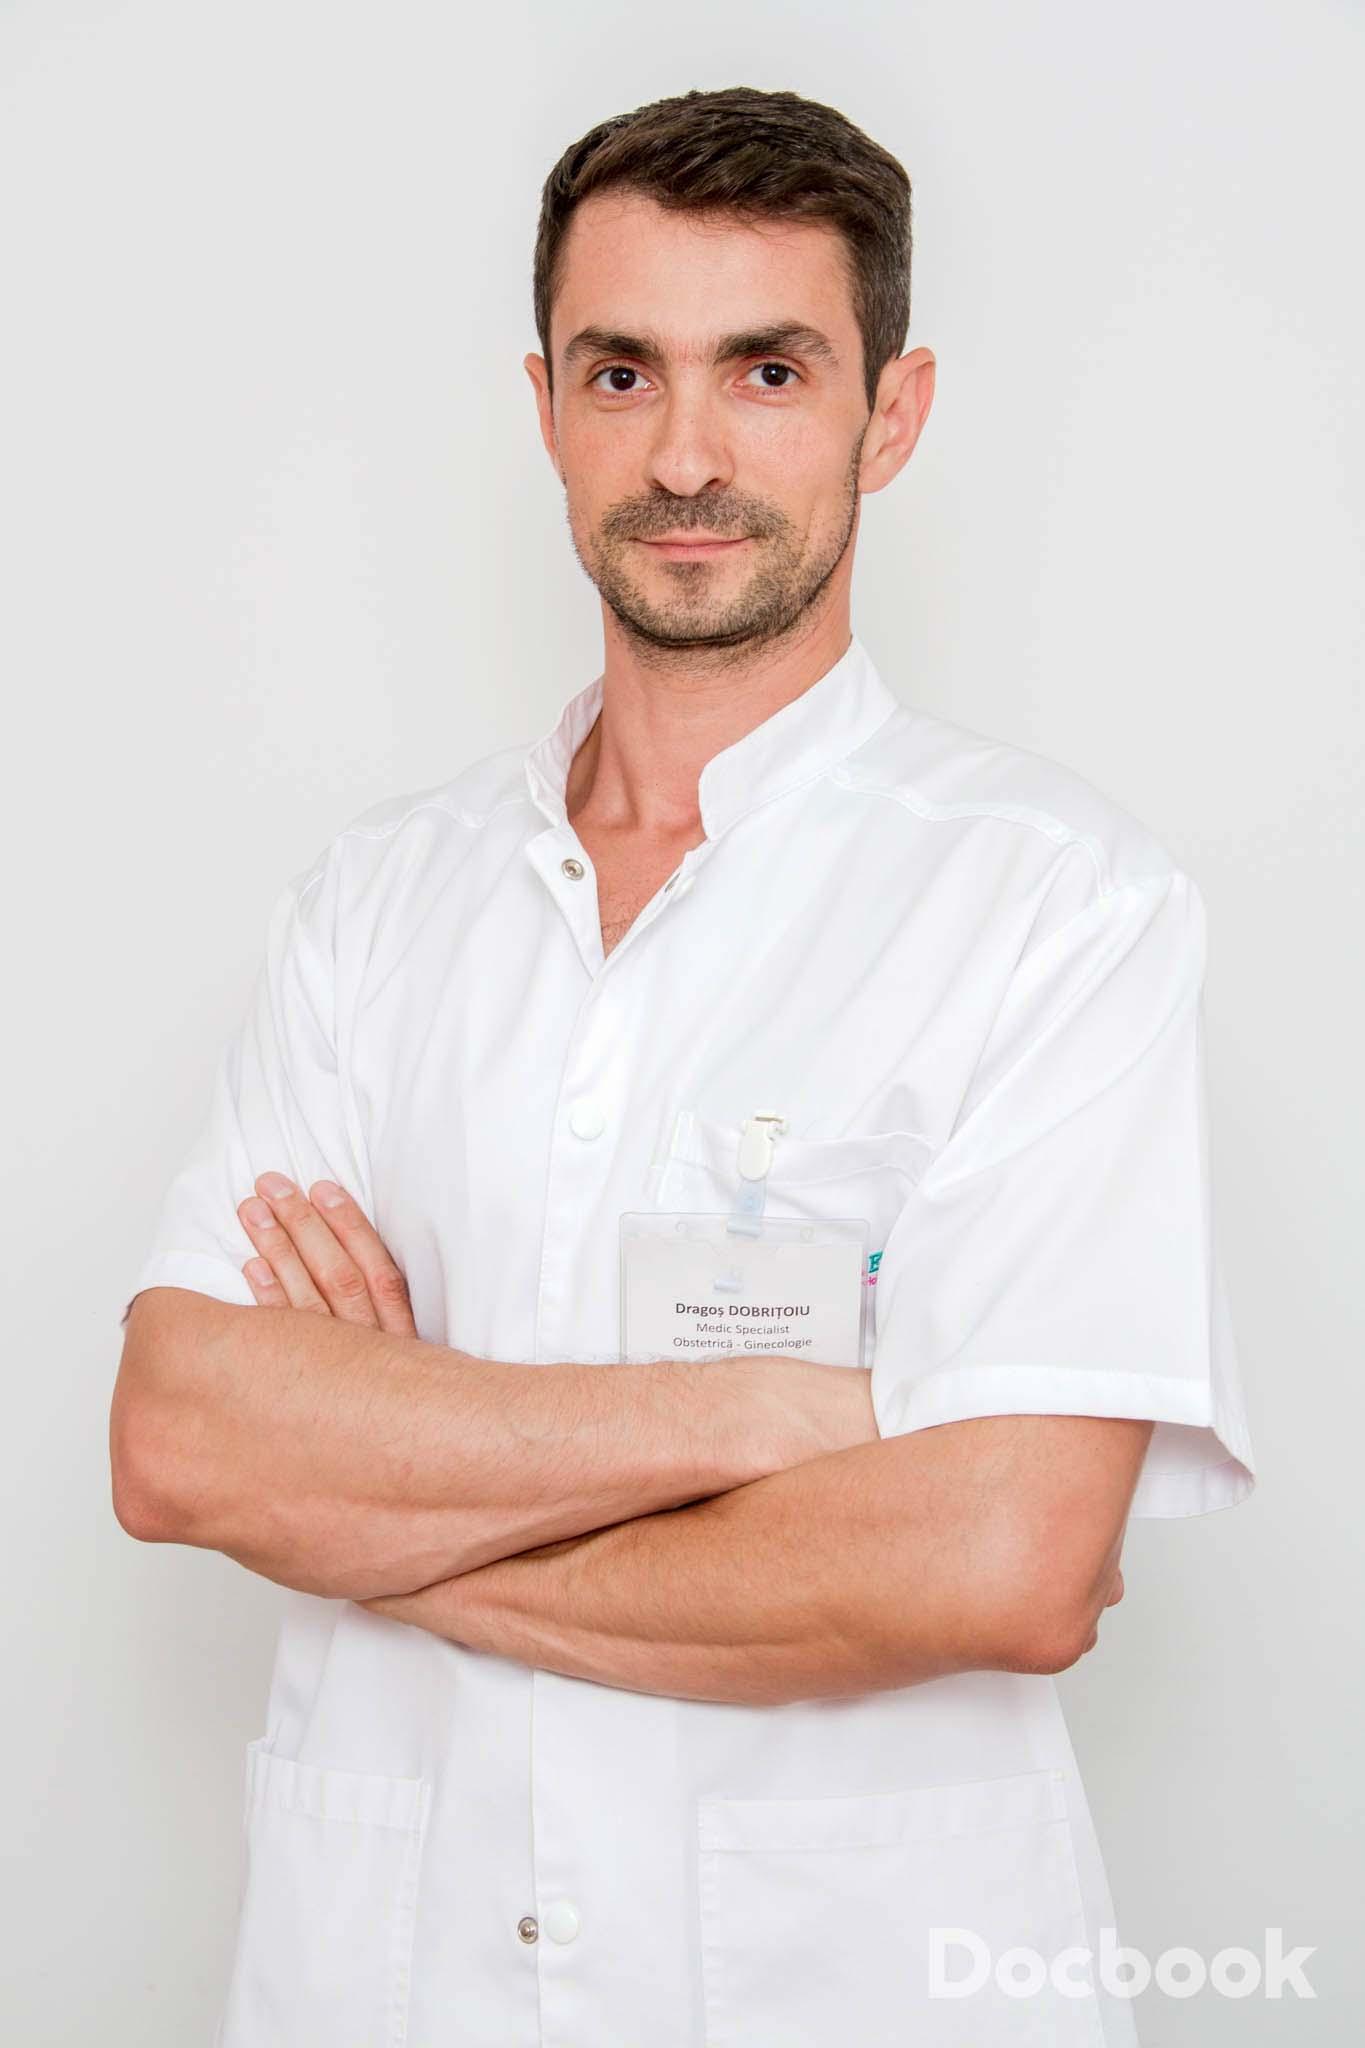 Dr. Dragos Stefan Dobritoiu